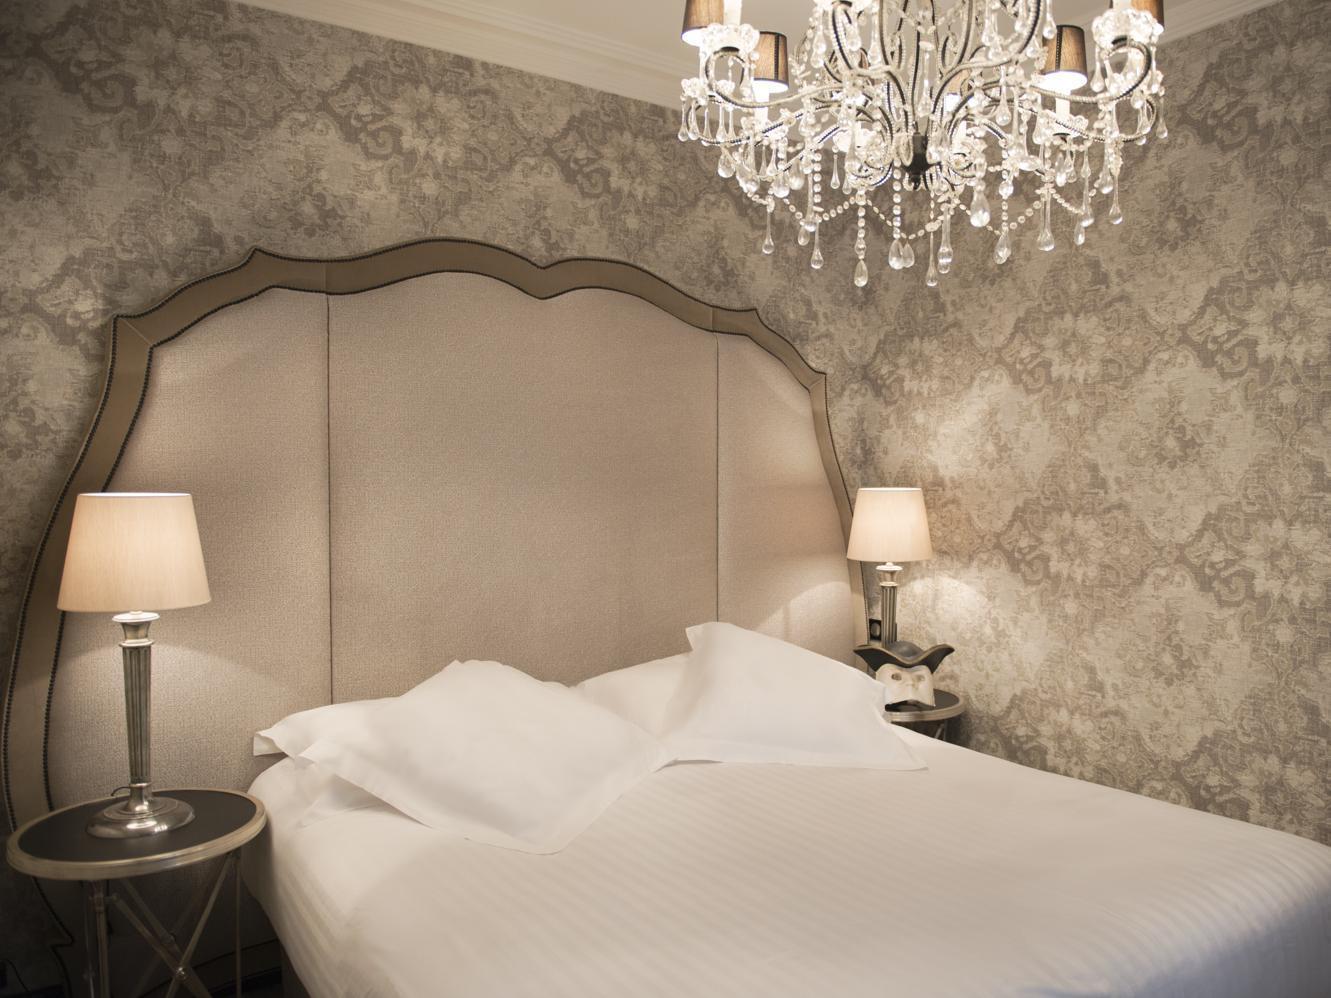 Confort Bain Design Bois Guillaume villa glamour hotel (paris) - deals, photos & reviews